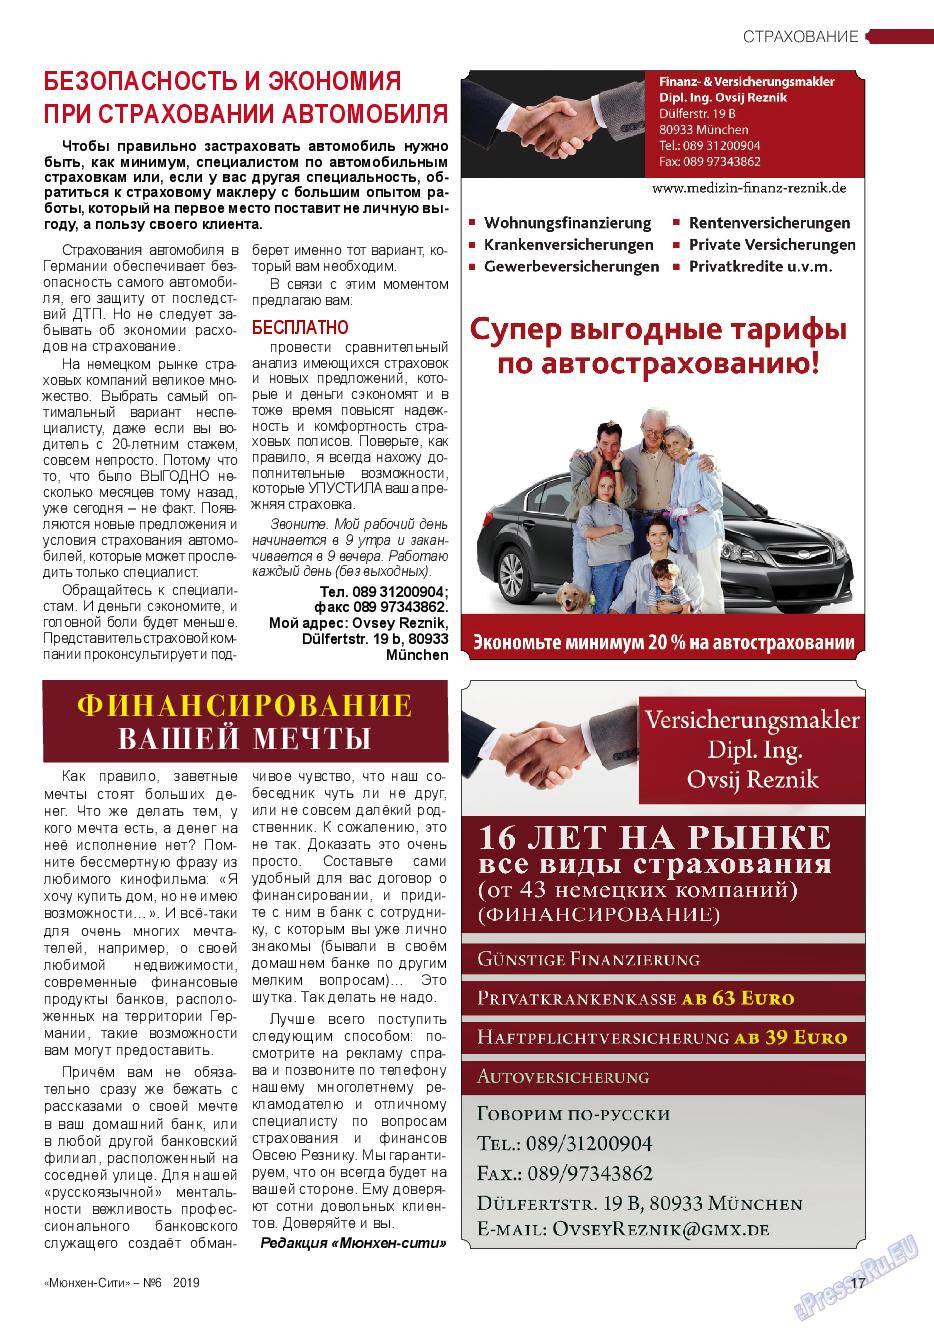 Мюнхен-сити (журнал). 2019 год, номер 94, стр. 17